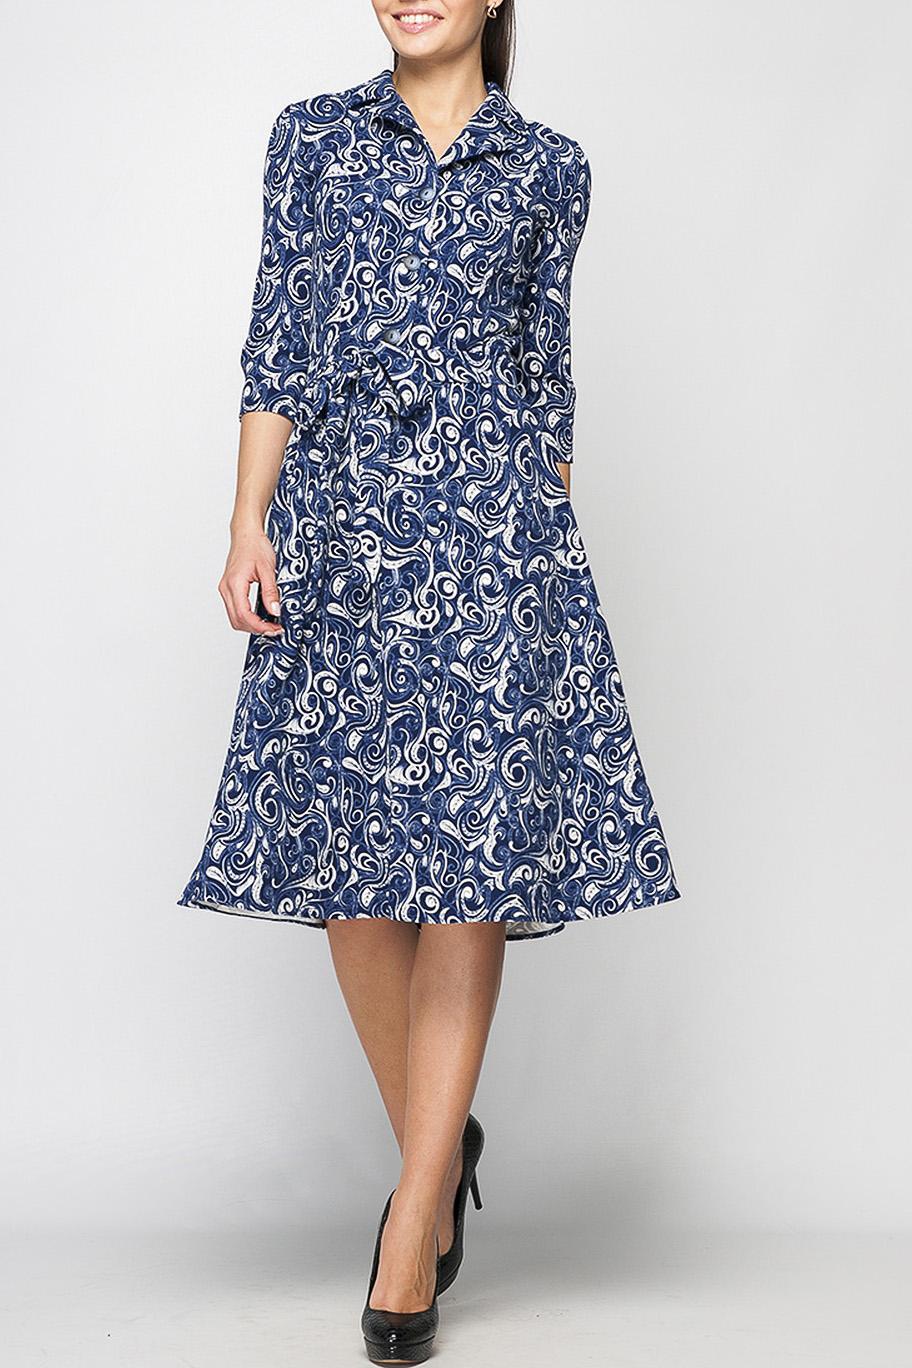 ПлатьеПлатья<br>Классическое платье из приятной плательной ткани. Данная модель выгодно подчеркнет Вашу талию и позволит быть не только привлекательной, но и ощущать себя комфортно целый день, отложной воротничок и застежка из пуговиц добавляет свою изюминку.   Пояс в комплект не входит.   Параметры изделия:  42 размер: обхват груди - 88 см, обхват талии - 72 см, длина рукава - 41 см, длина изделия - 104 см;  44 размер: обхват груди - 92 см, обхват талии - 80 см, длина рукава - 41 см, длина изделия - 104 см;  52 размер: обхват груди - 108 см, обхват талии - 96 см, длина рукава - 42 см, длина изделия - 109 см.  Цвет: синий, молочный.  Рост девушки-фотомодели 170 см<br><br>Воротник: Отложной<br>Горловина: V- горловина<br>По длине: Ниже колена<br>По материалу: Тканевые<br>По рисунку: С принтом,Цветные,Этнические<br>По силуэту: Полуприталенные,Приталенные<br>По стилю: Повседневный стиль<br>По форме: Платье - трапеция<br>По элементам: С воротником,С вырезом,С декором,Со складками<br>Рукав: Рукав три четверти<br>По сезону: Осень,Весна,Зима<br>Размер : 44,48,50<br>Материал: Плательная ткань<br>Количество в наличии: 3